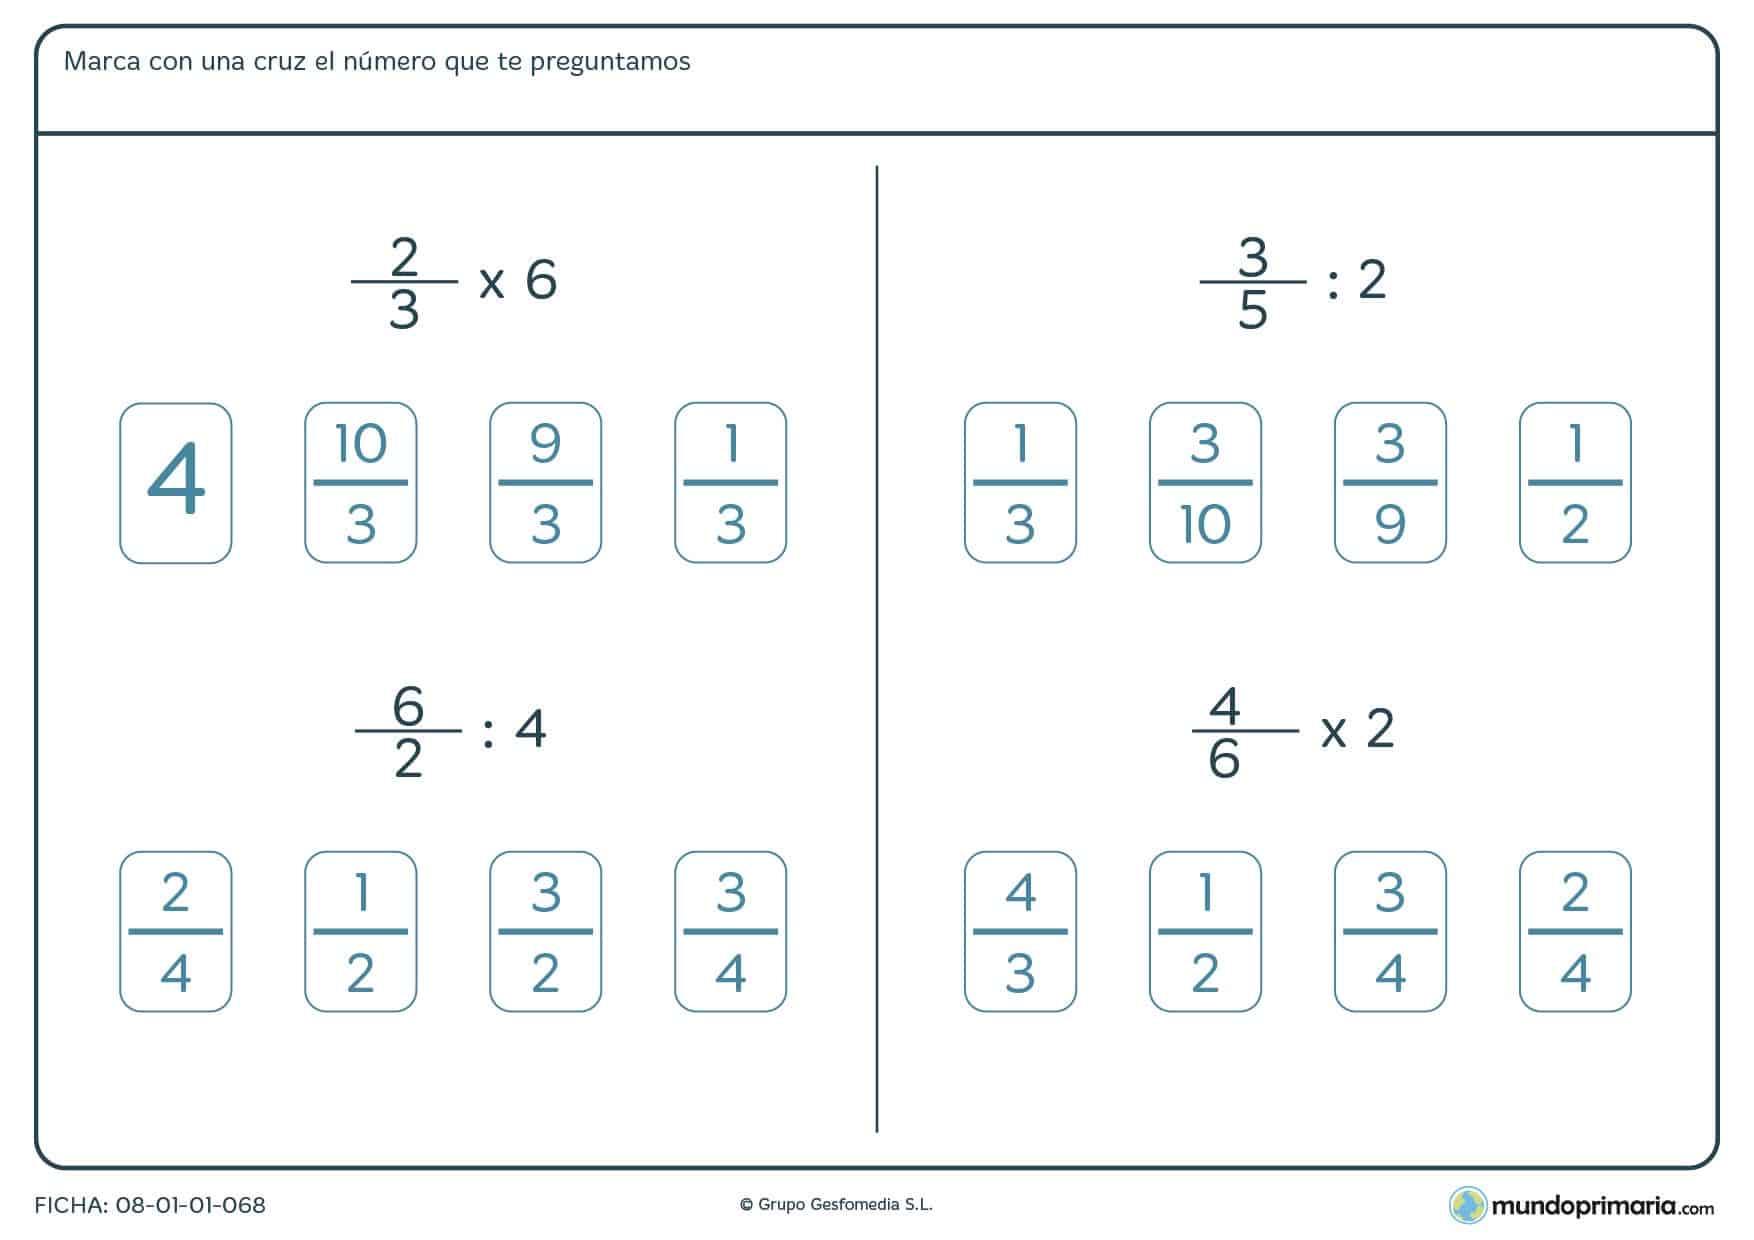 Ficha de multiplicar y dividir una fracción por un número para Primaria